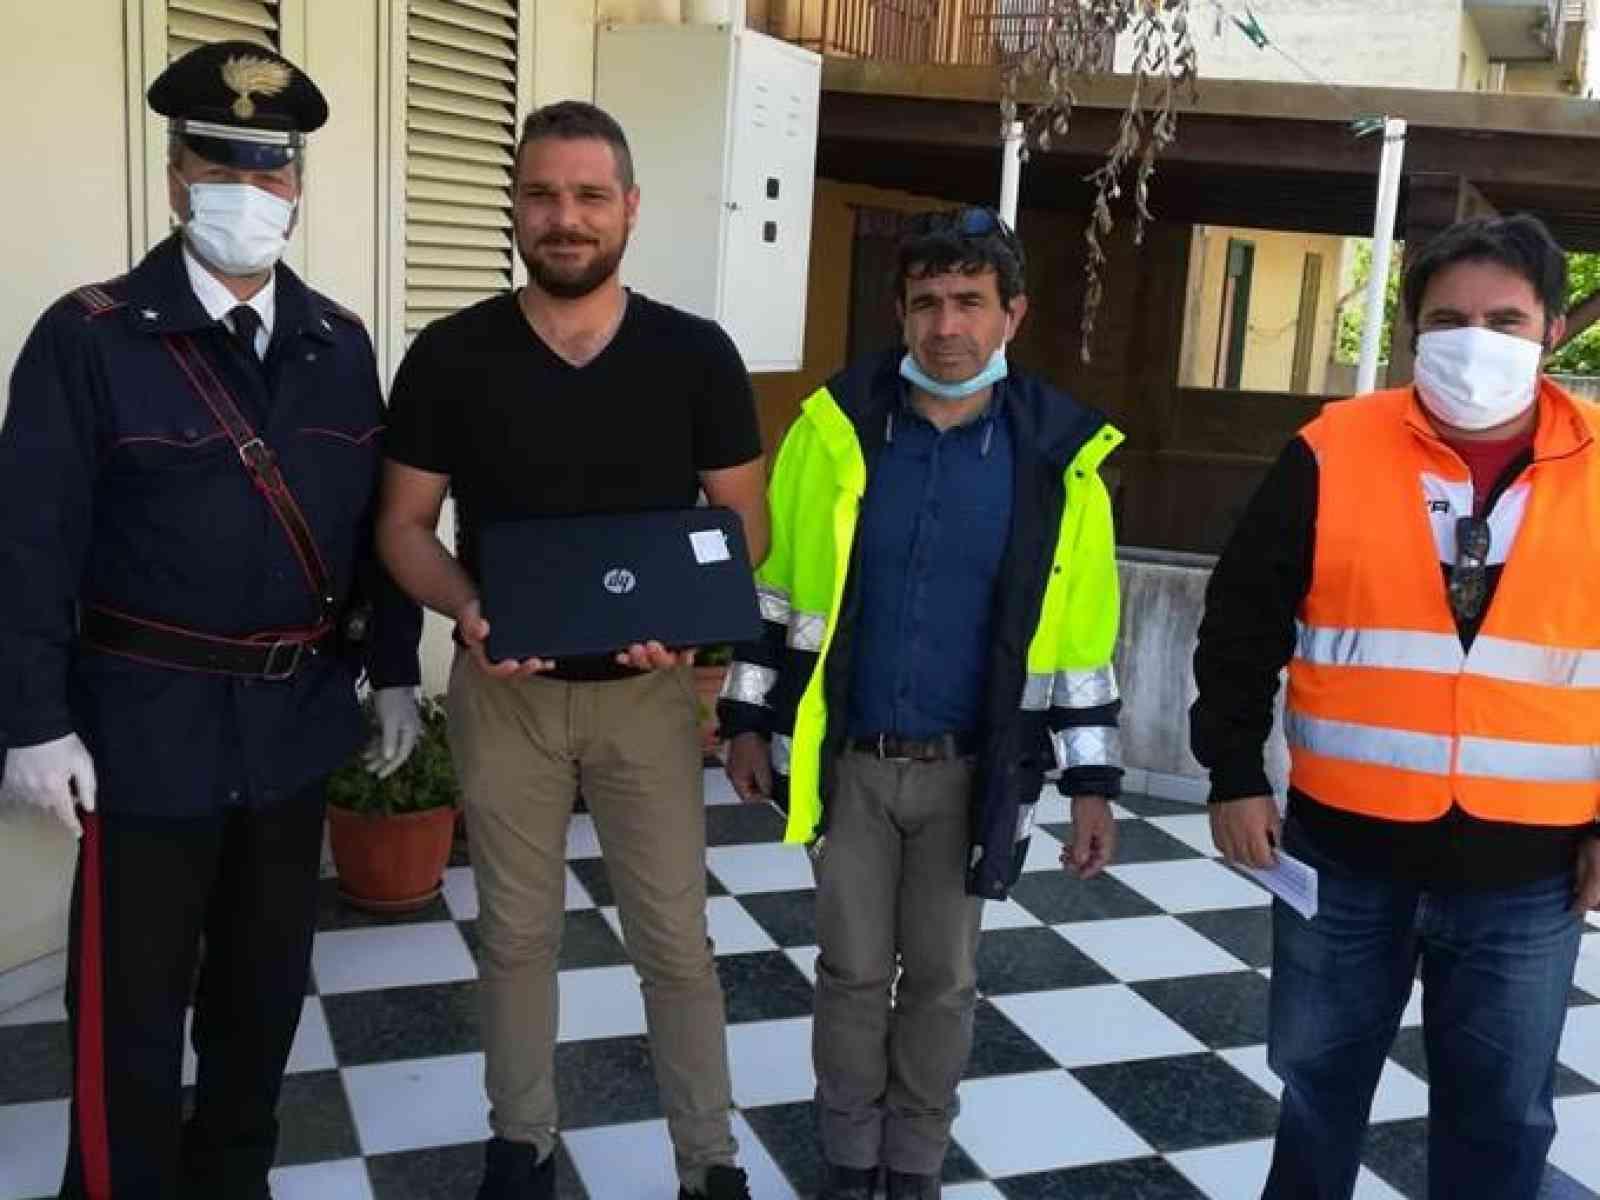 Immagine articolo: Salaparuta, Carabinieri consegnano pc agli studenti per la didattica a distanza